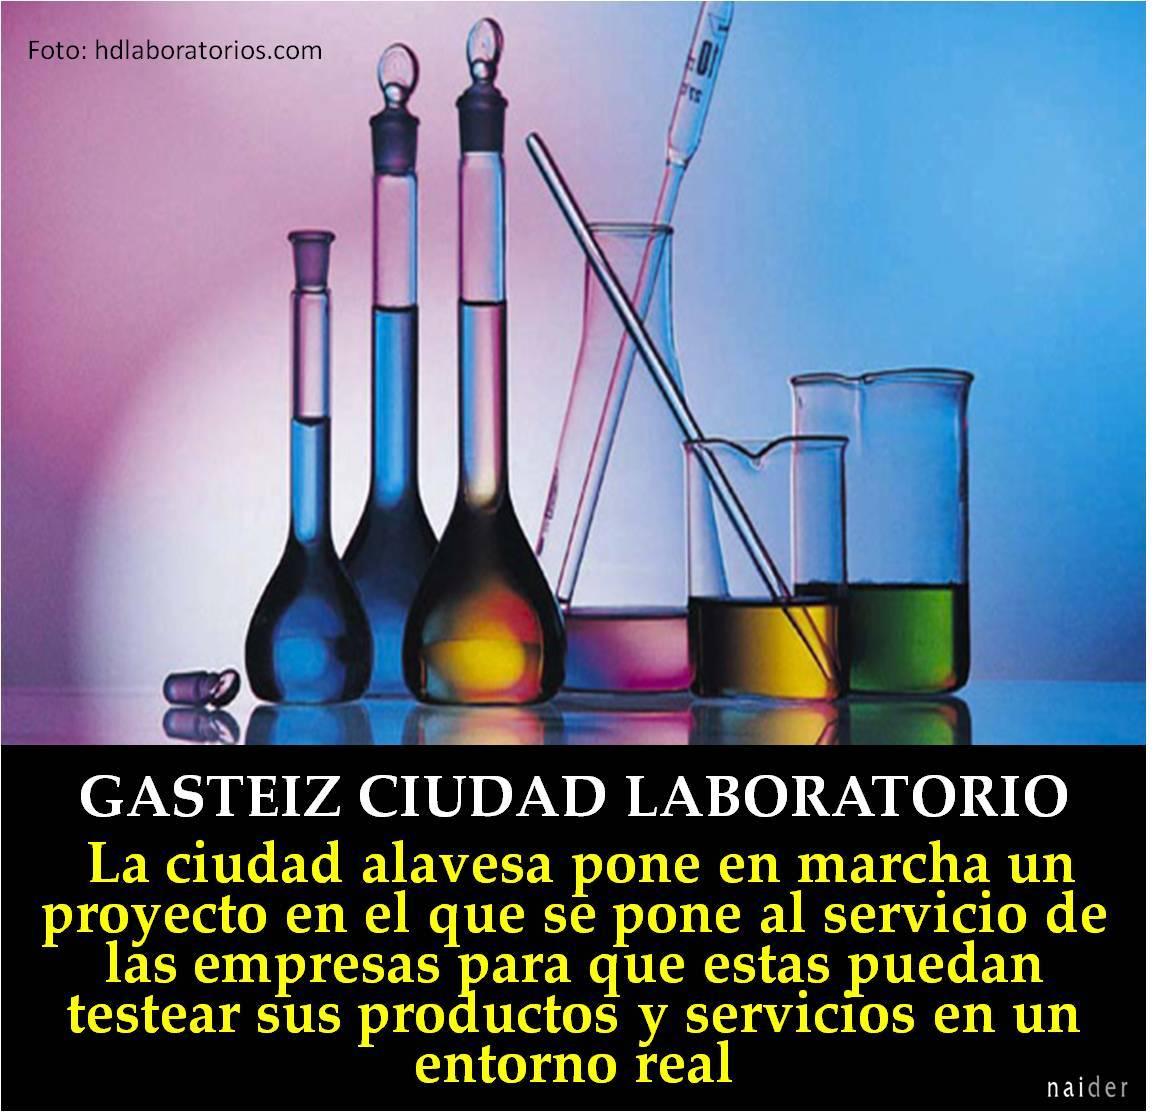 Gasteiz ciudad laboratorio